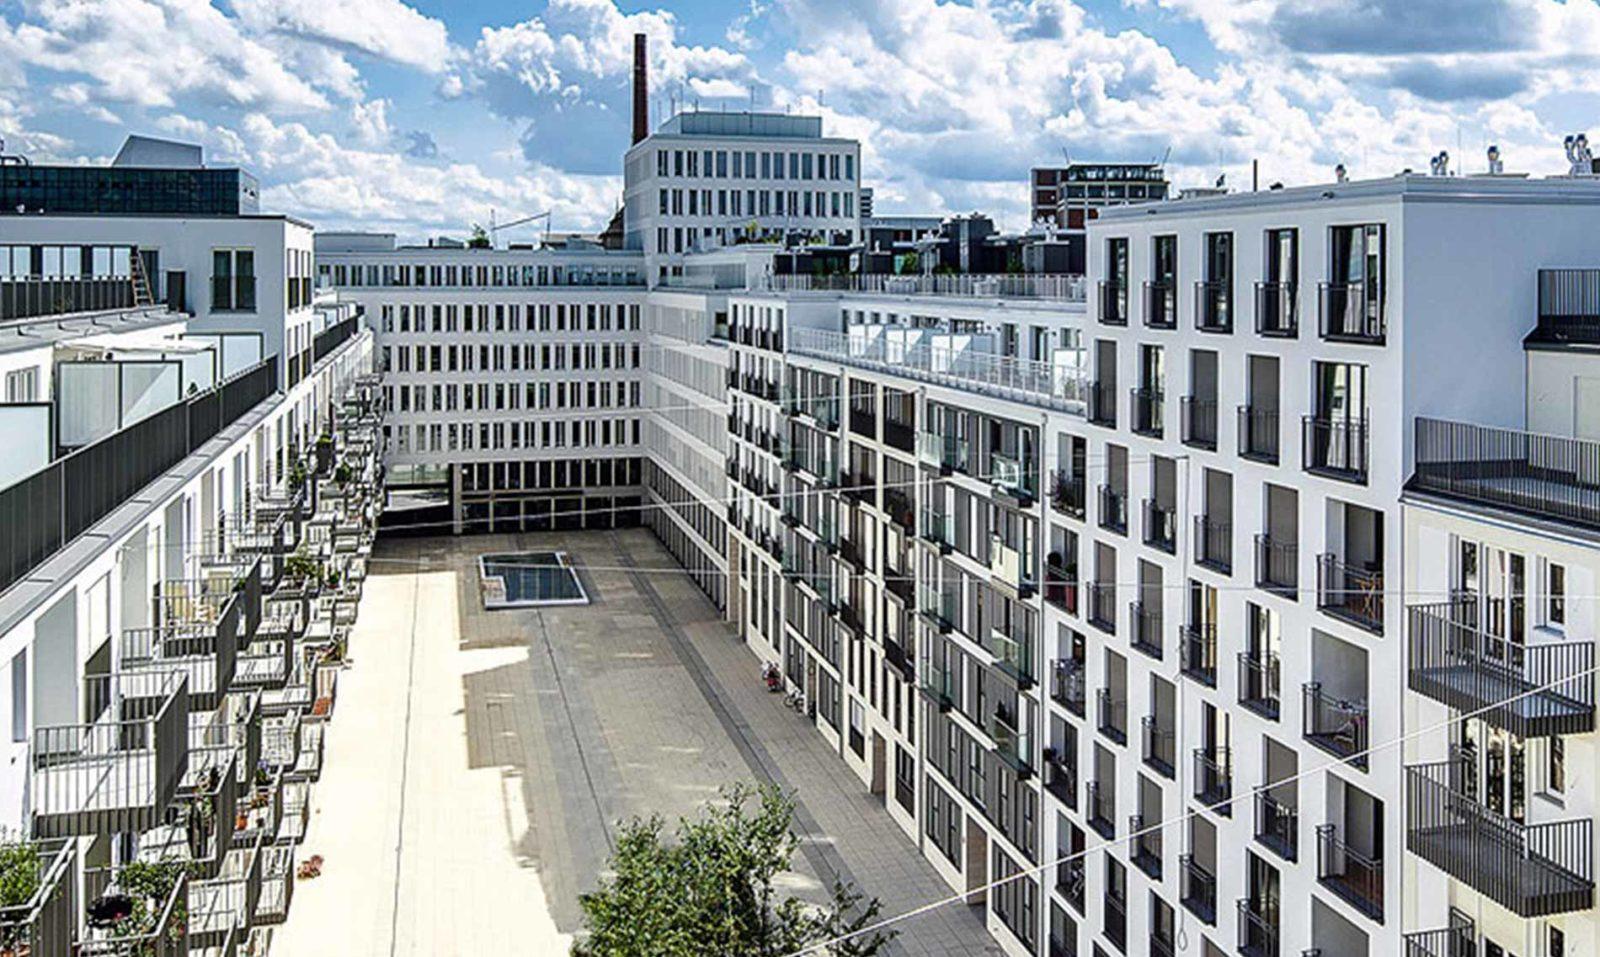 Nymphenburger Höfe München Immobilienprojekt